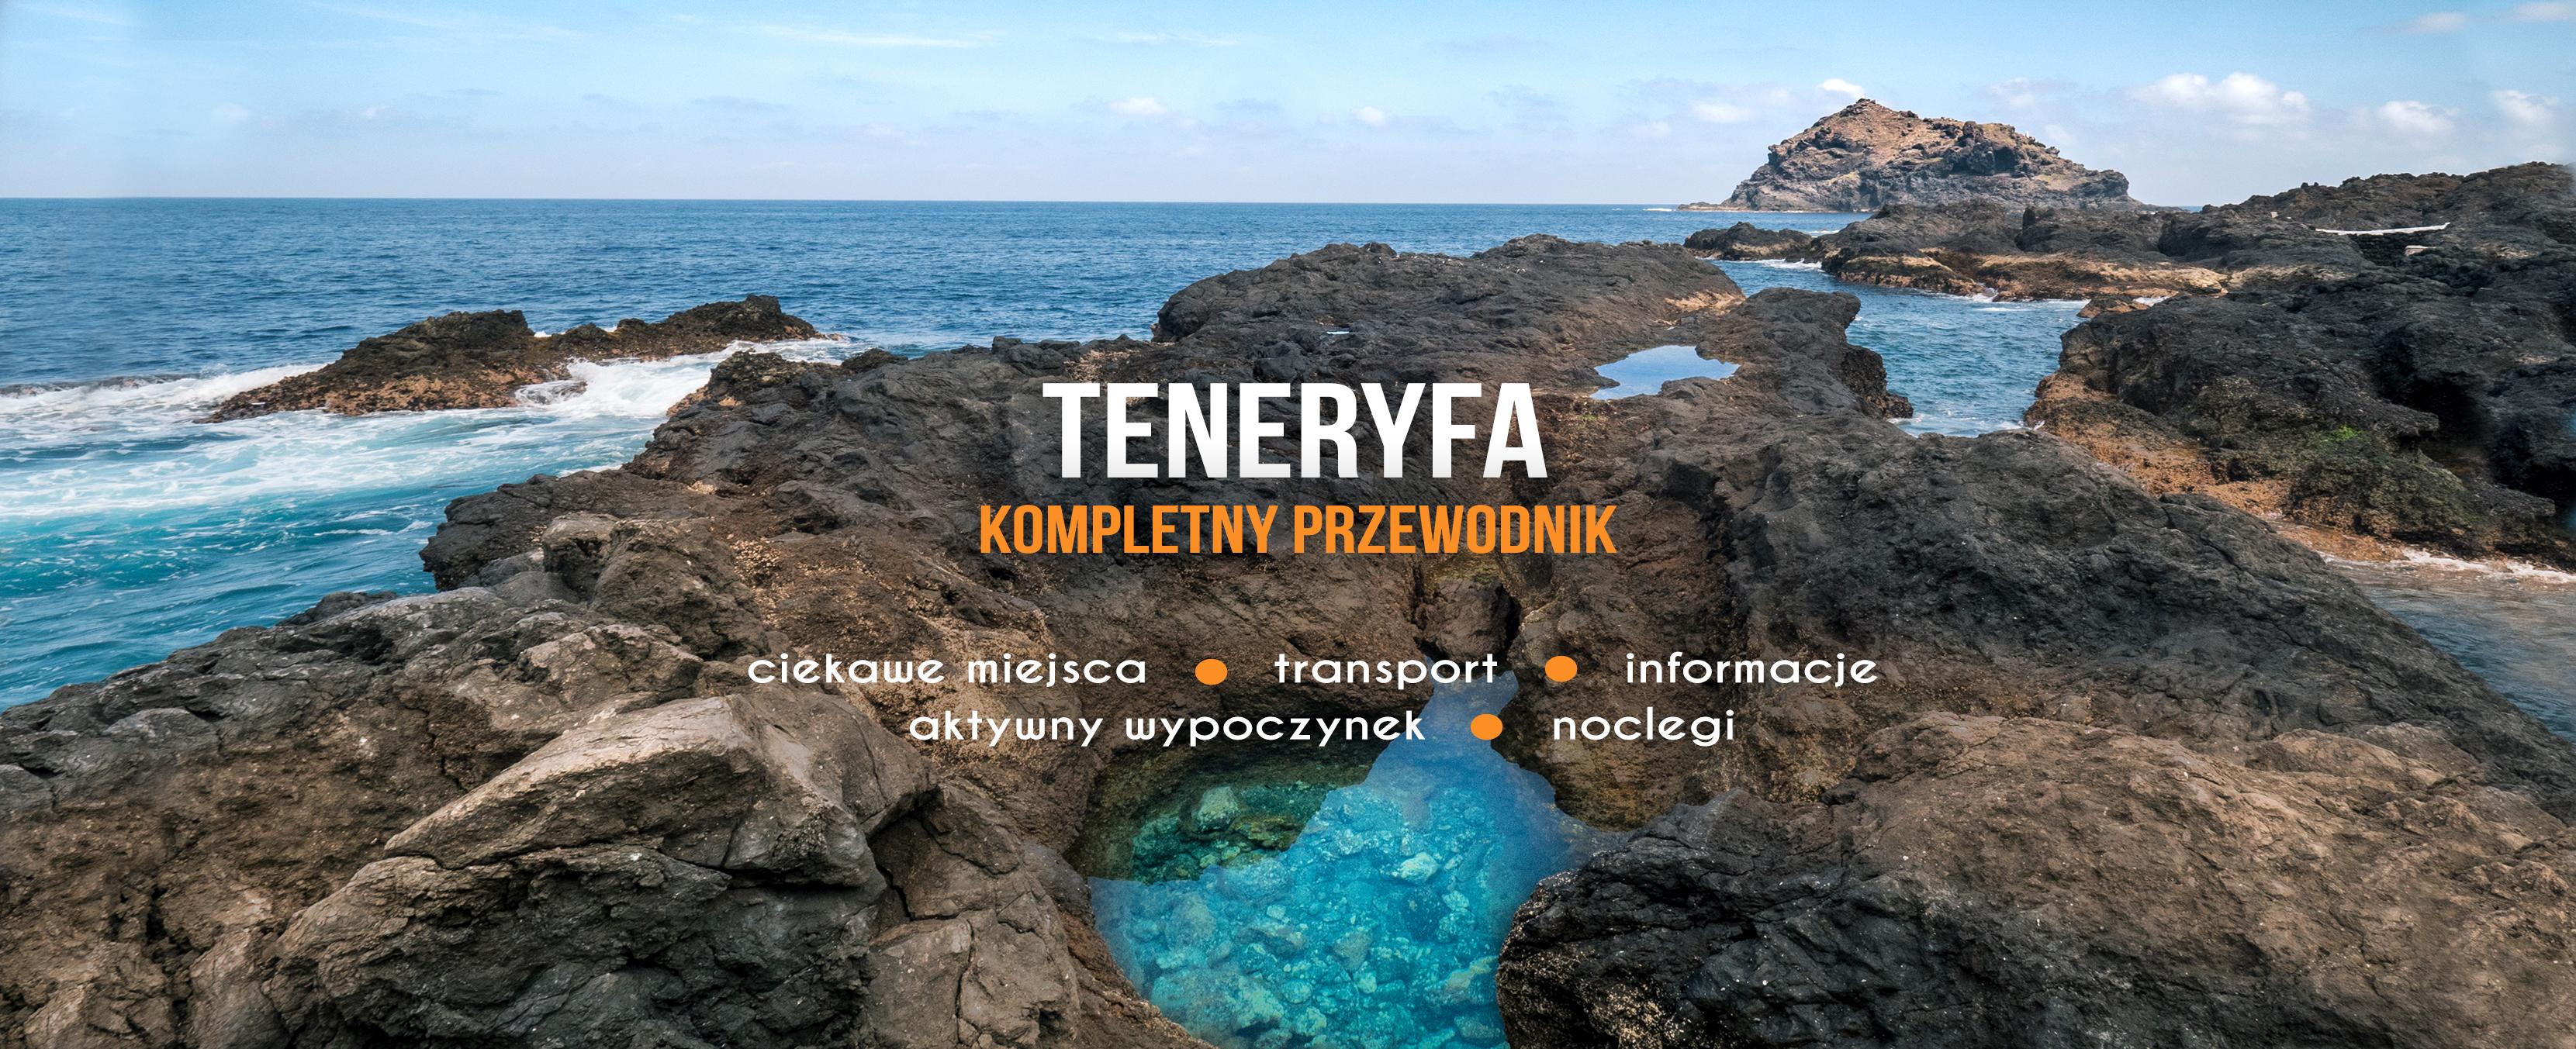 Teneryfa Praktycznie Ciekawe Miejsca Atrakcje Porady Transport I